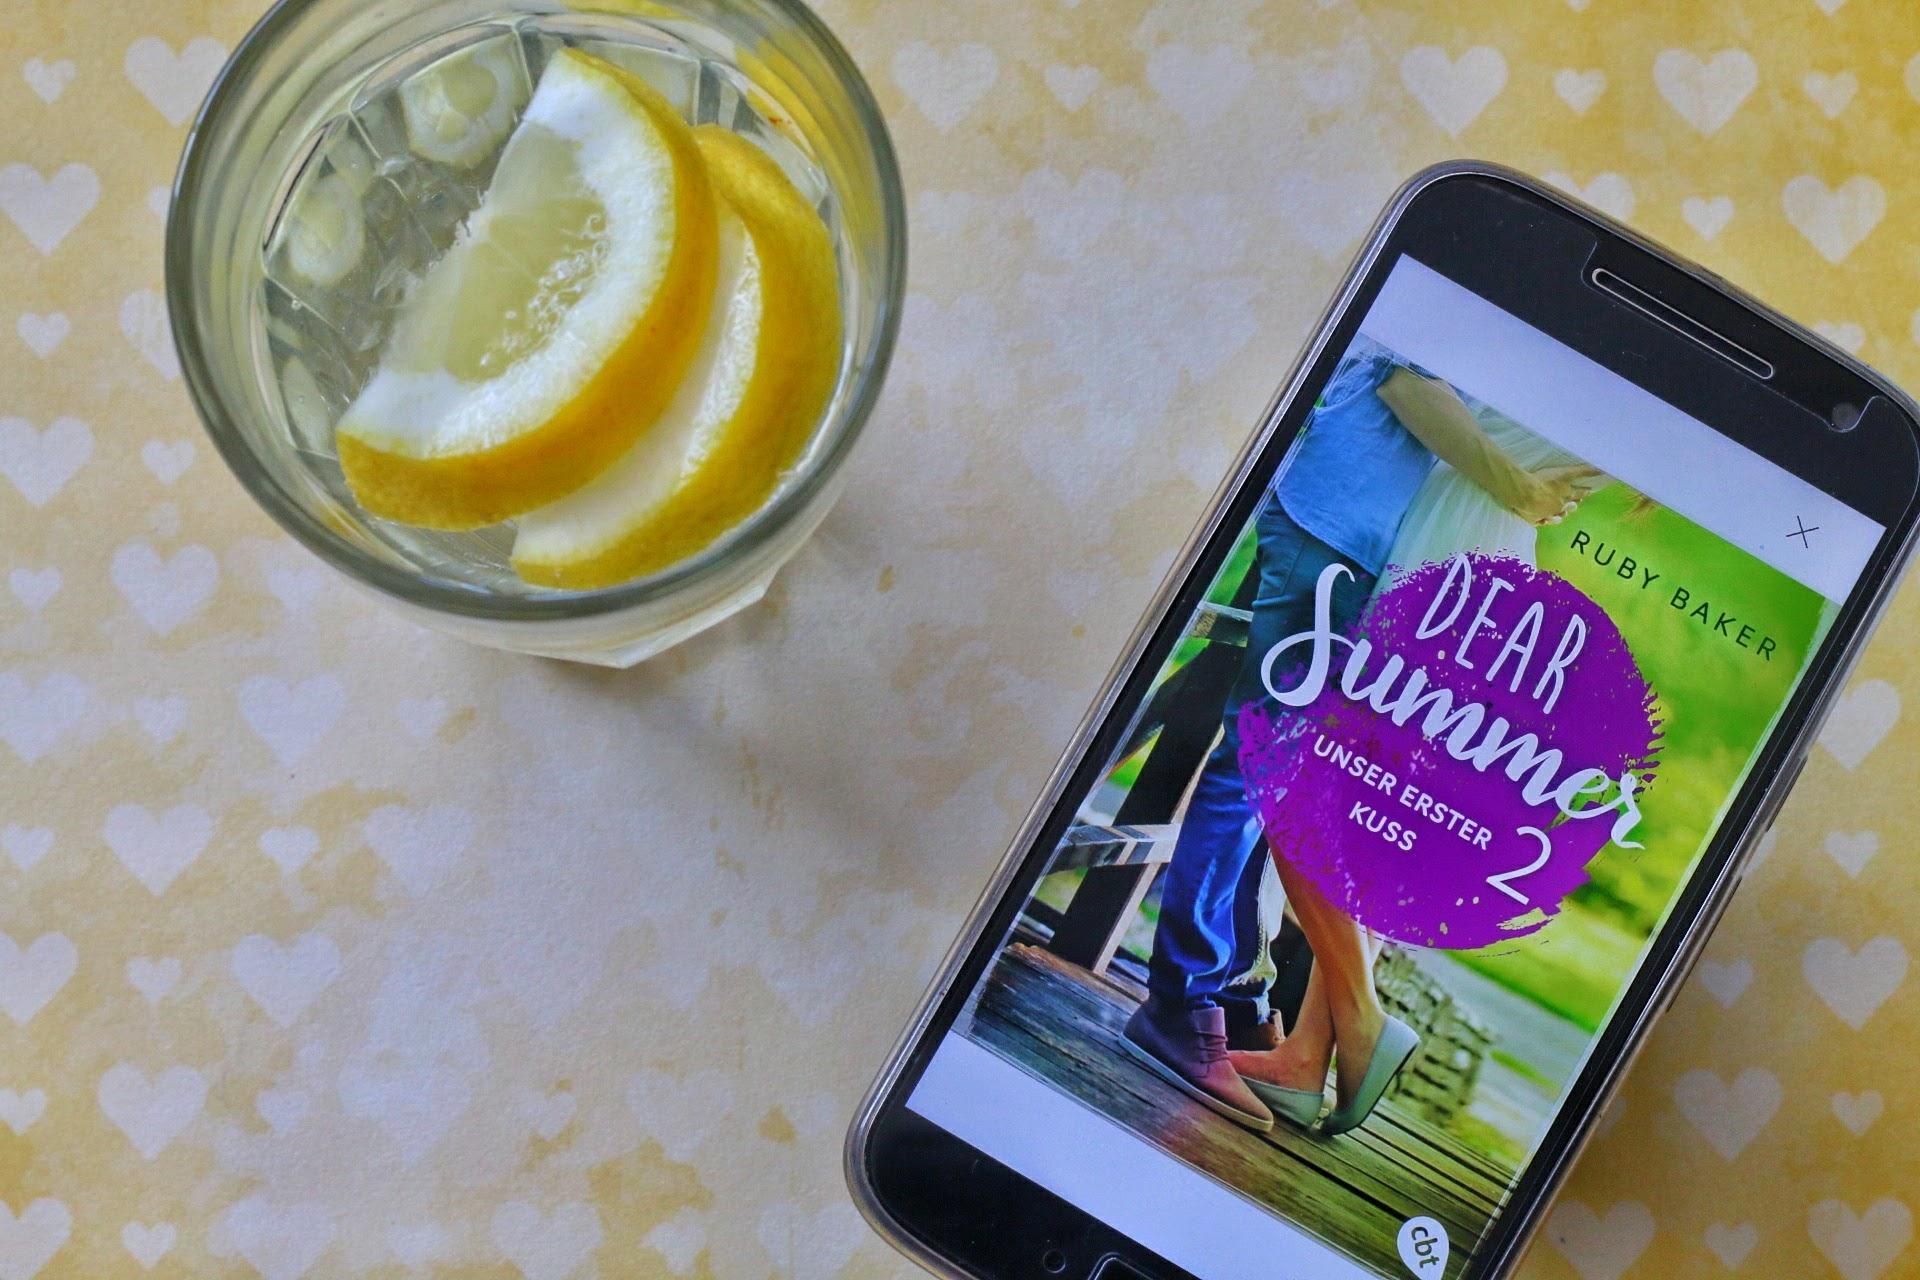 Ruby Baker Dear Summer 2 Cover Zitrone Glas erfrischend